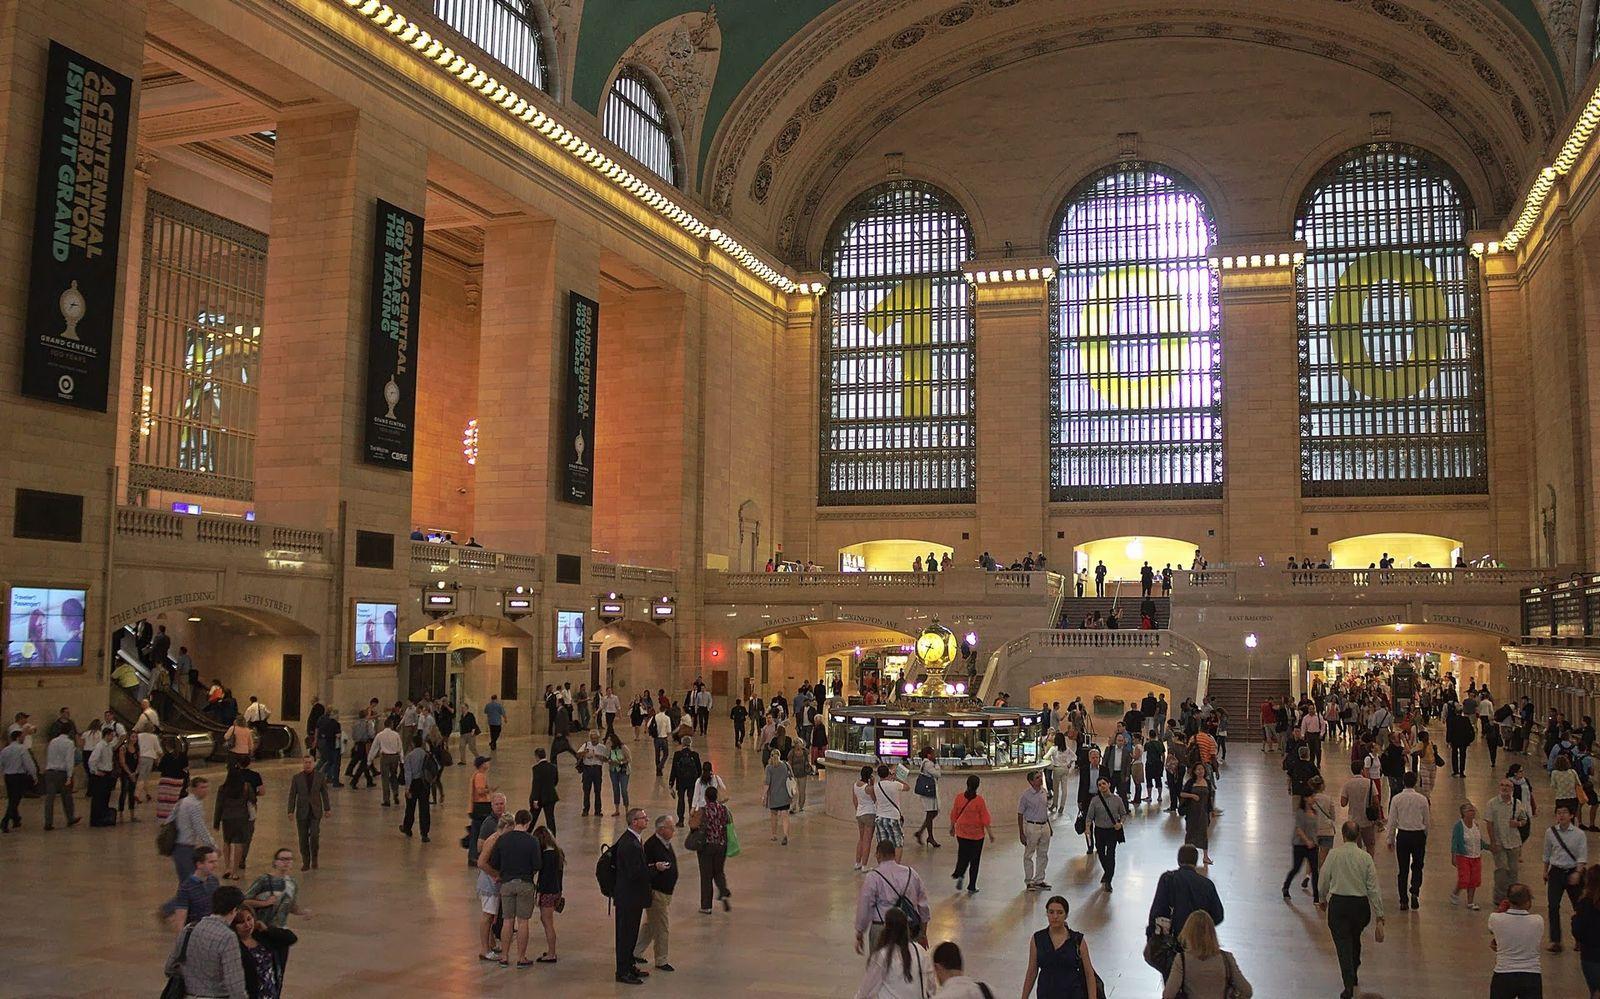 La Grand Central Station celebrando sus 100 años